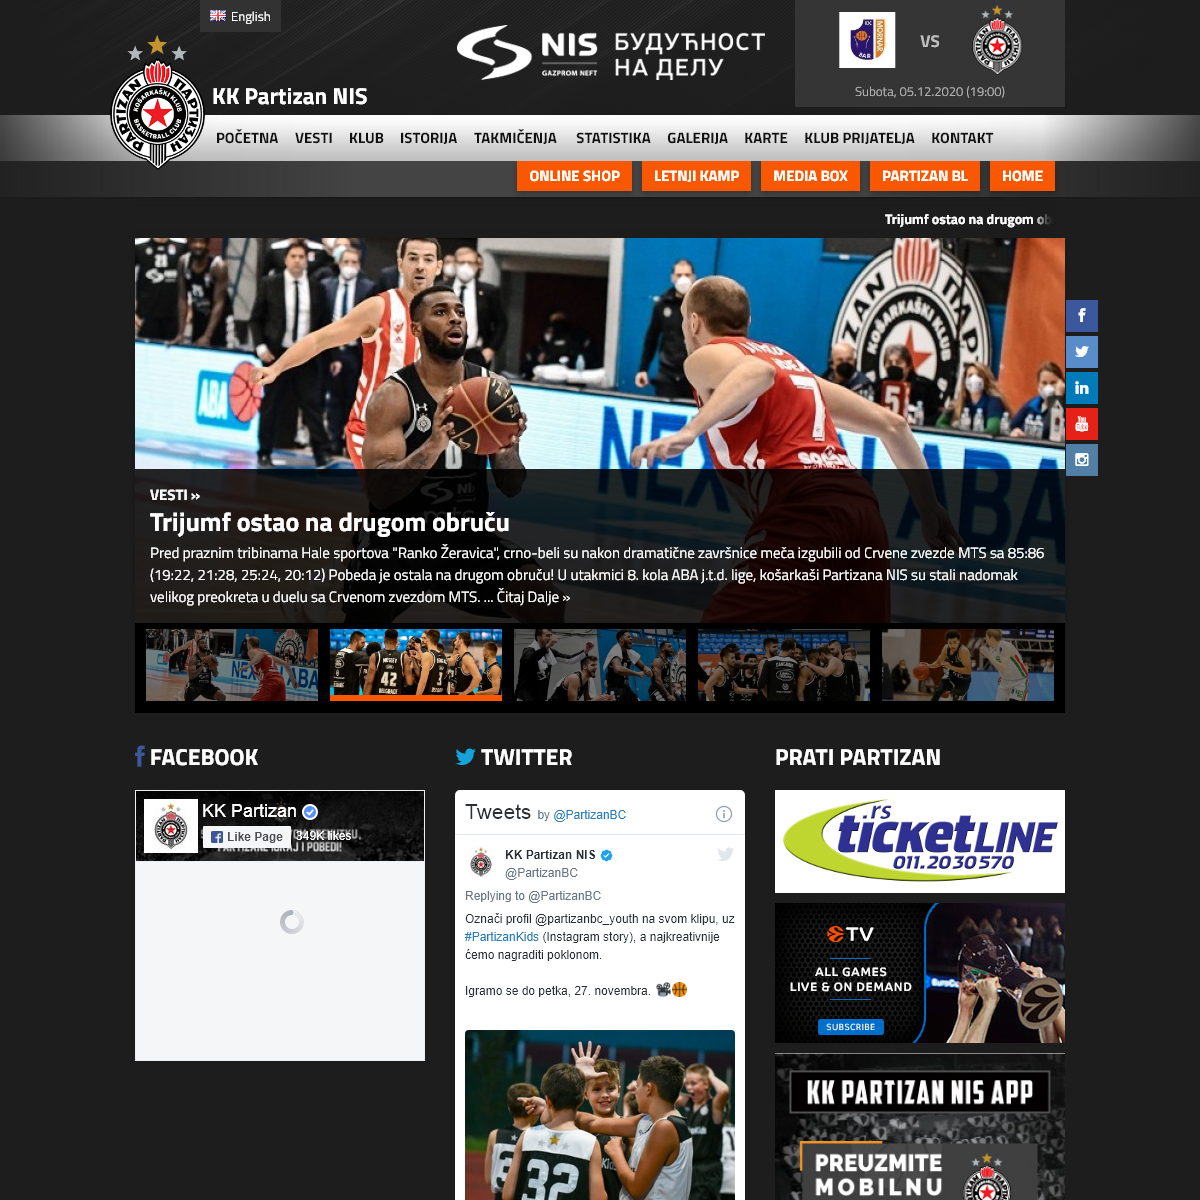 KK Partizan - Oficijalna stranica